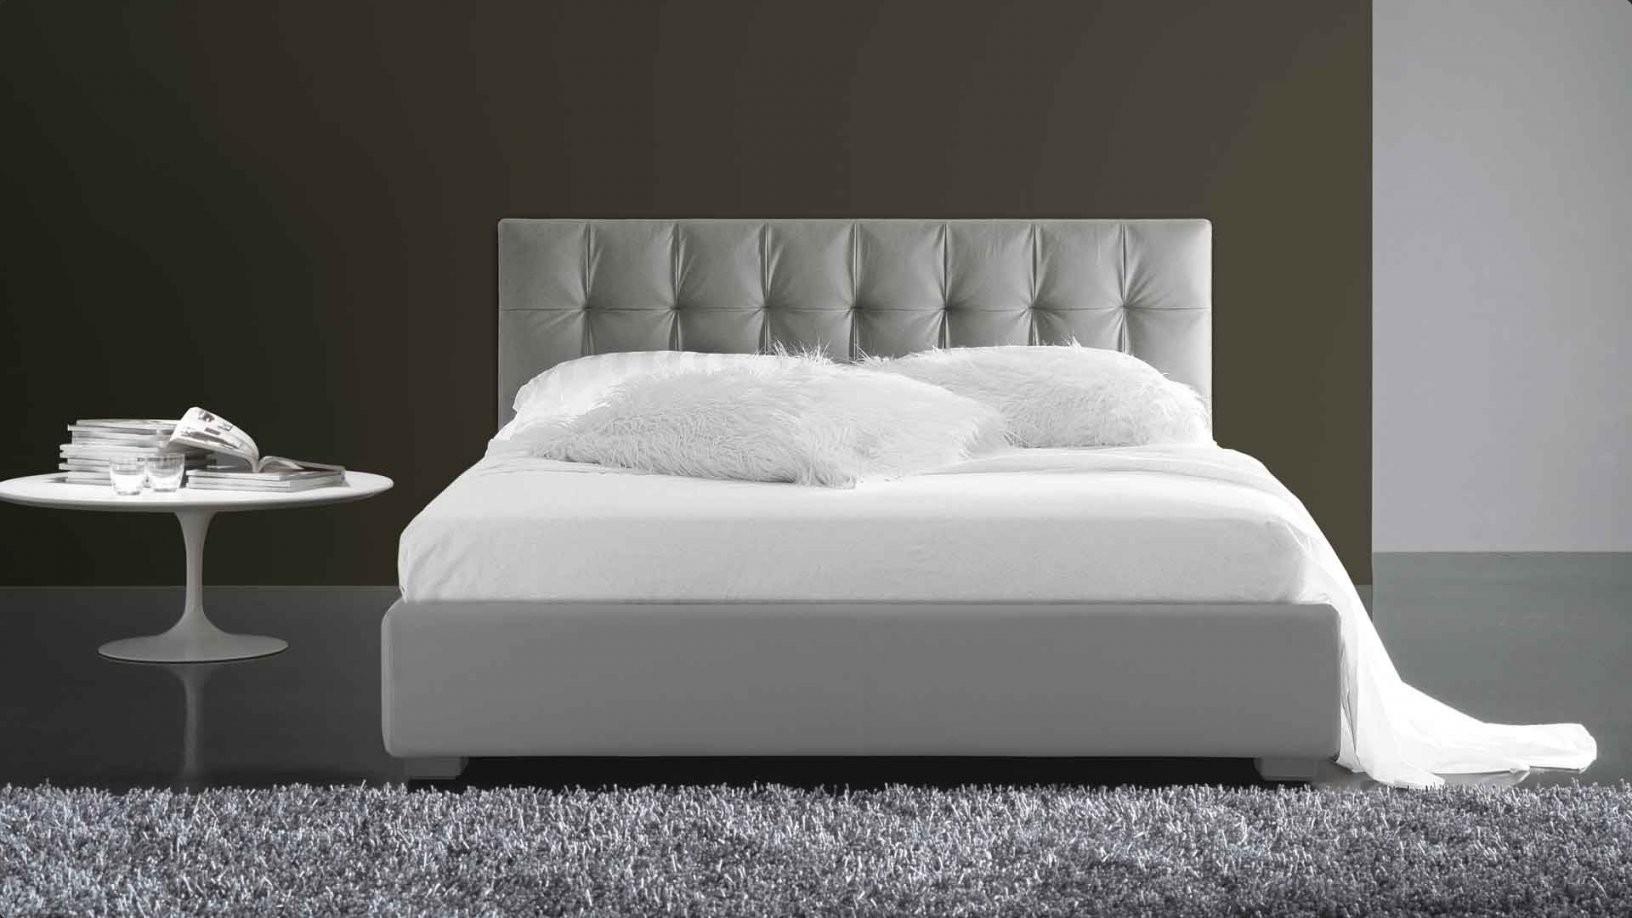 polsterbett sara 160x200 cm kiefer grau d nisches bettenlager von bett grau 160x200 bild. Black Bedroom Furniture Sets. Home Design Ideas